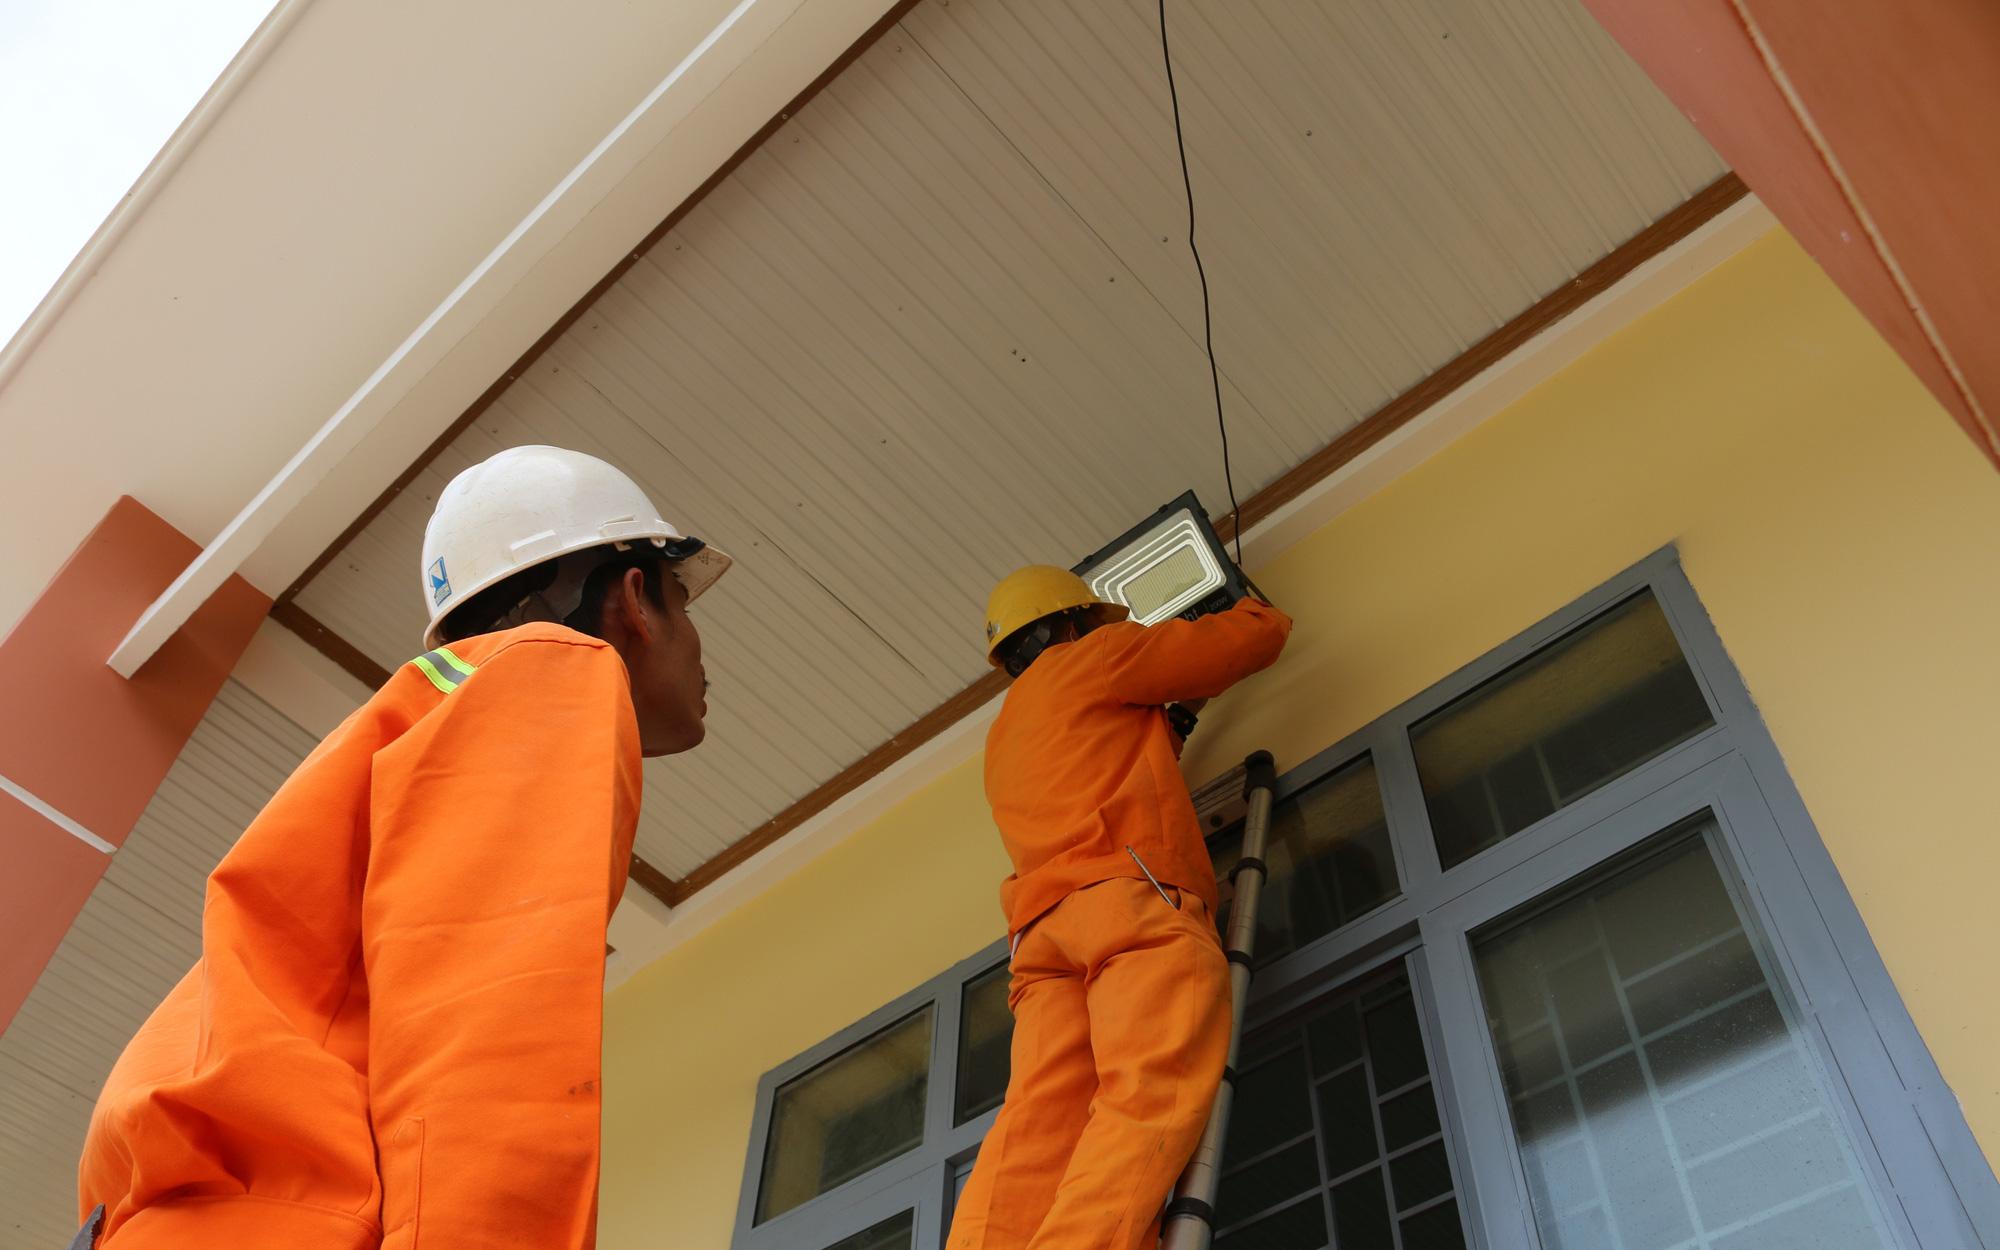 PC Đắk Nông: Tặng hệ thống chiếu sáng cho điểm Trường Tiểu học La Văn Cầu